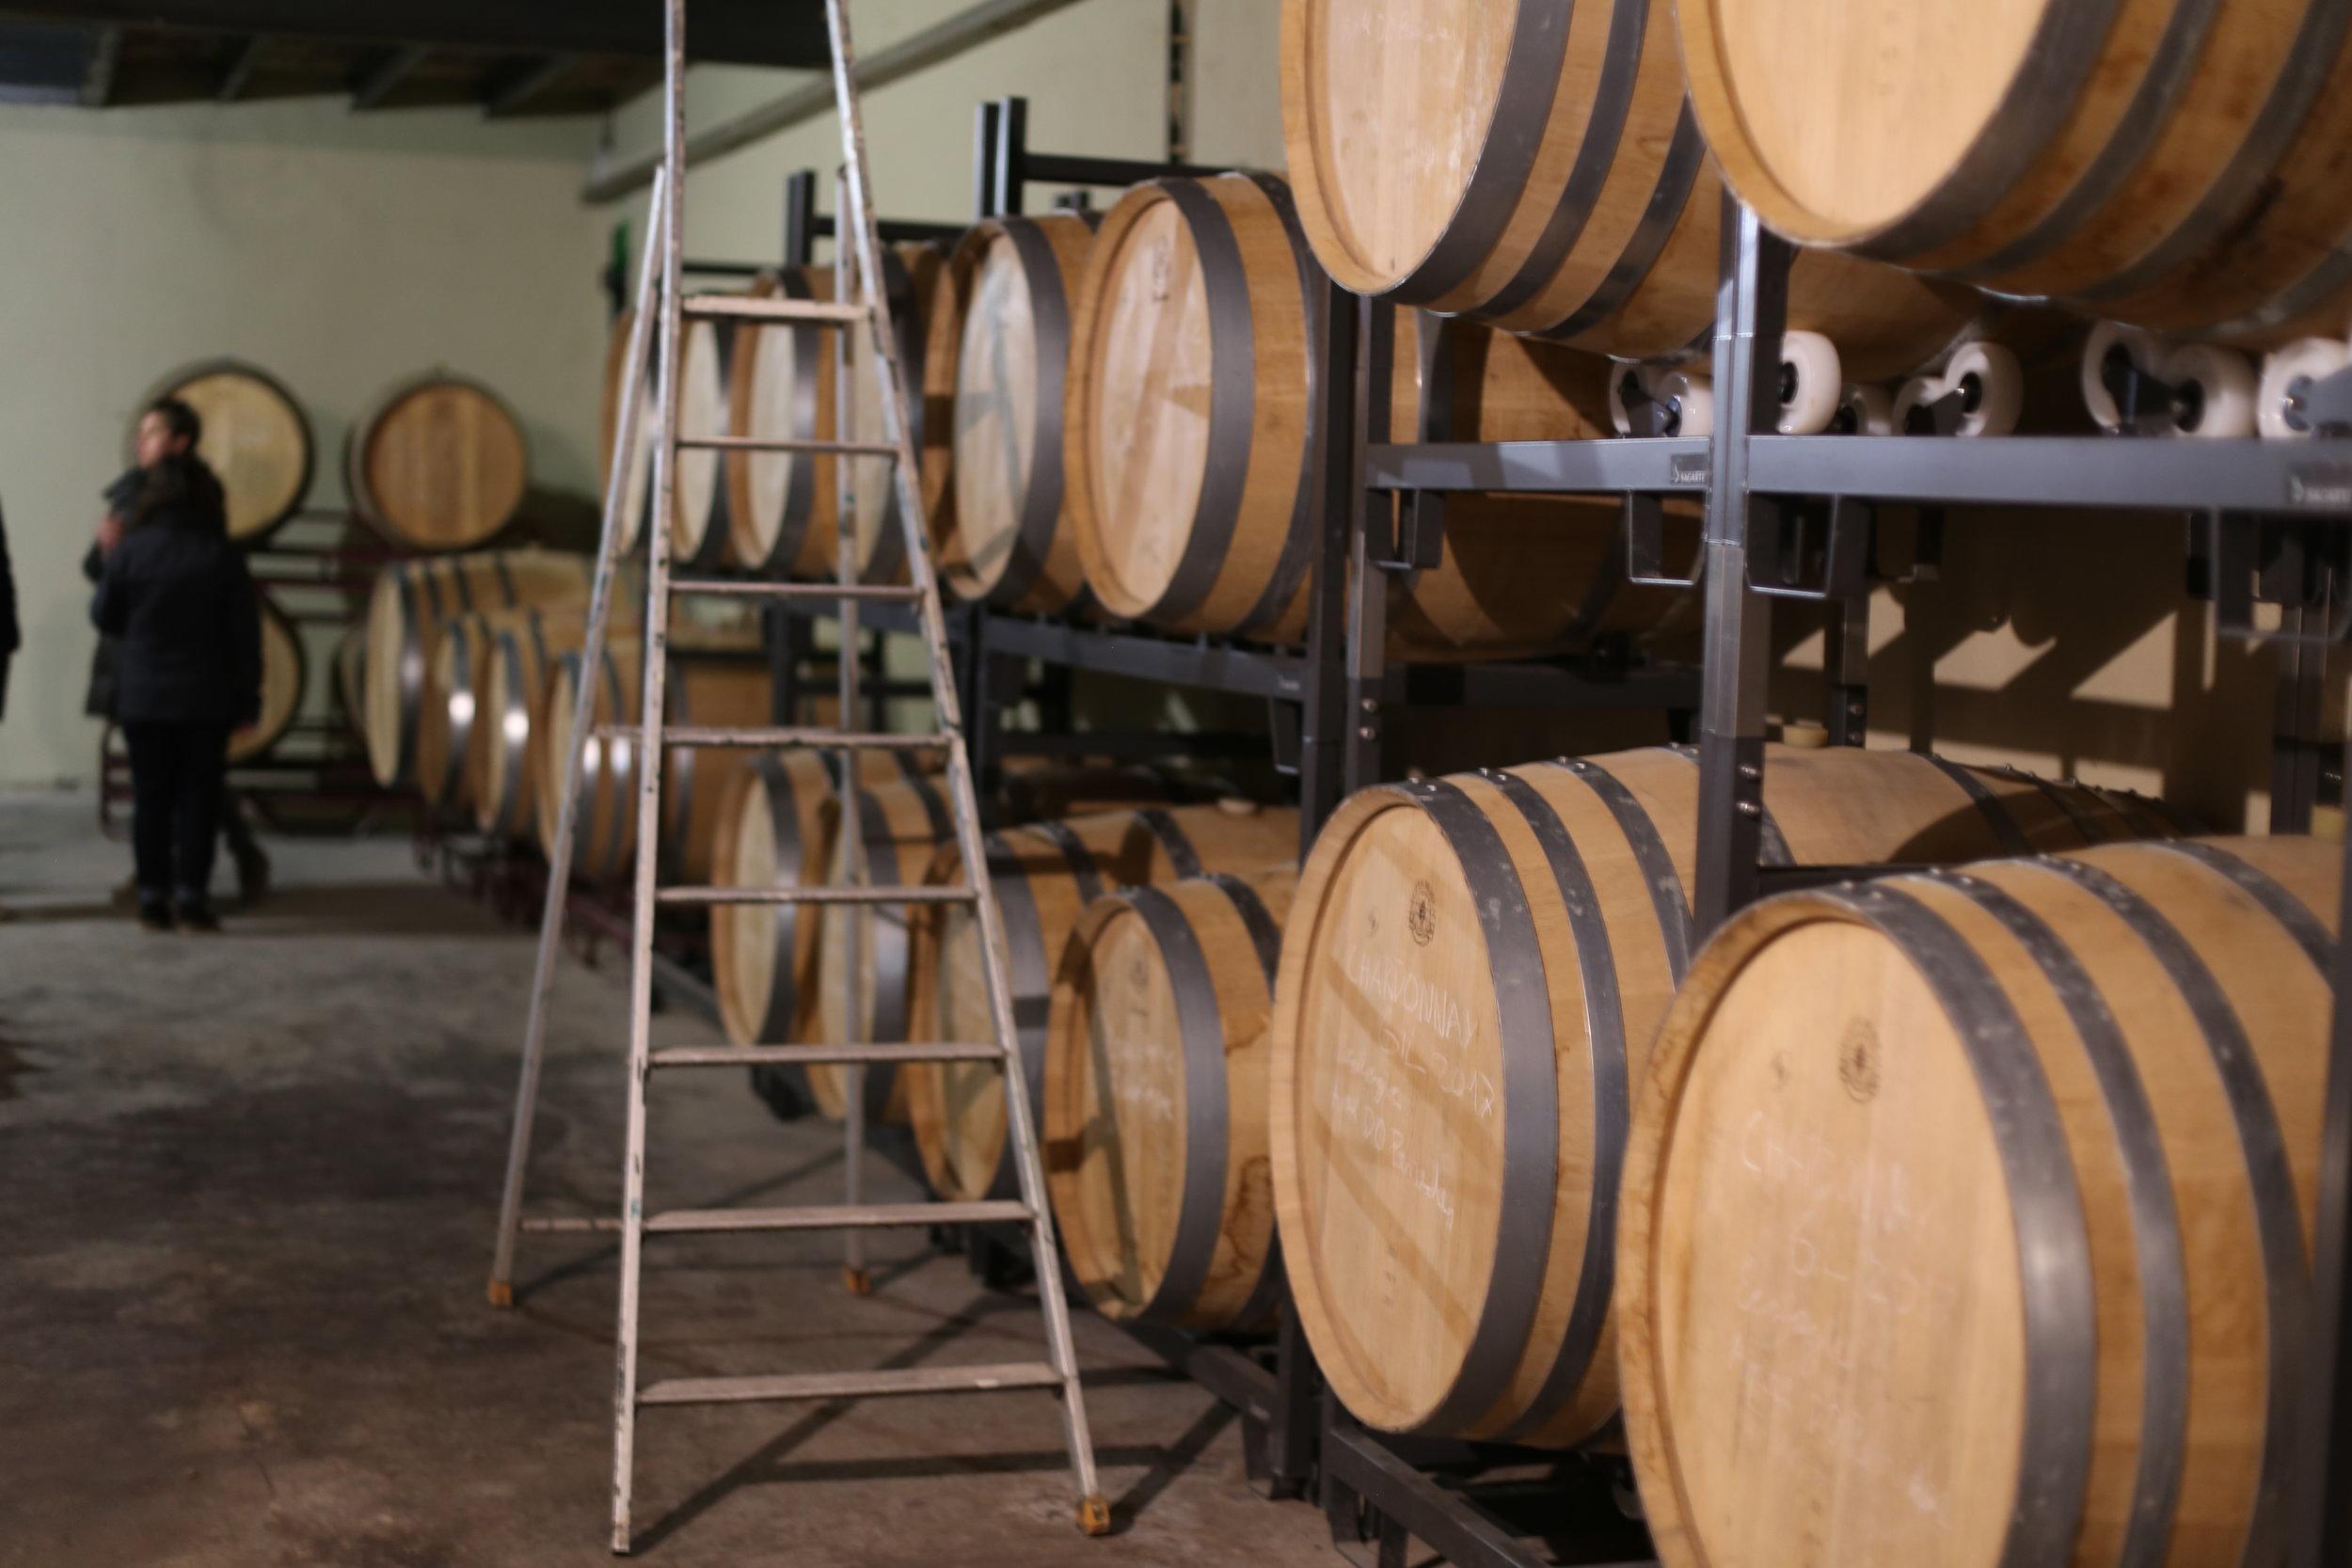 Sleeping wines in their barrels.